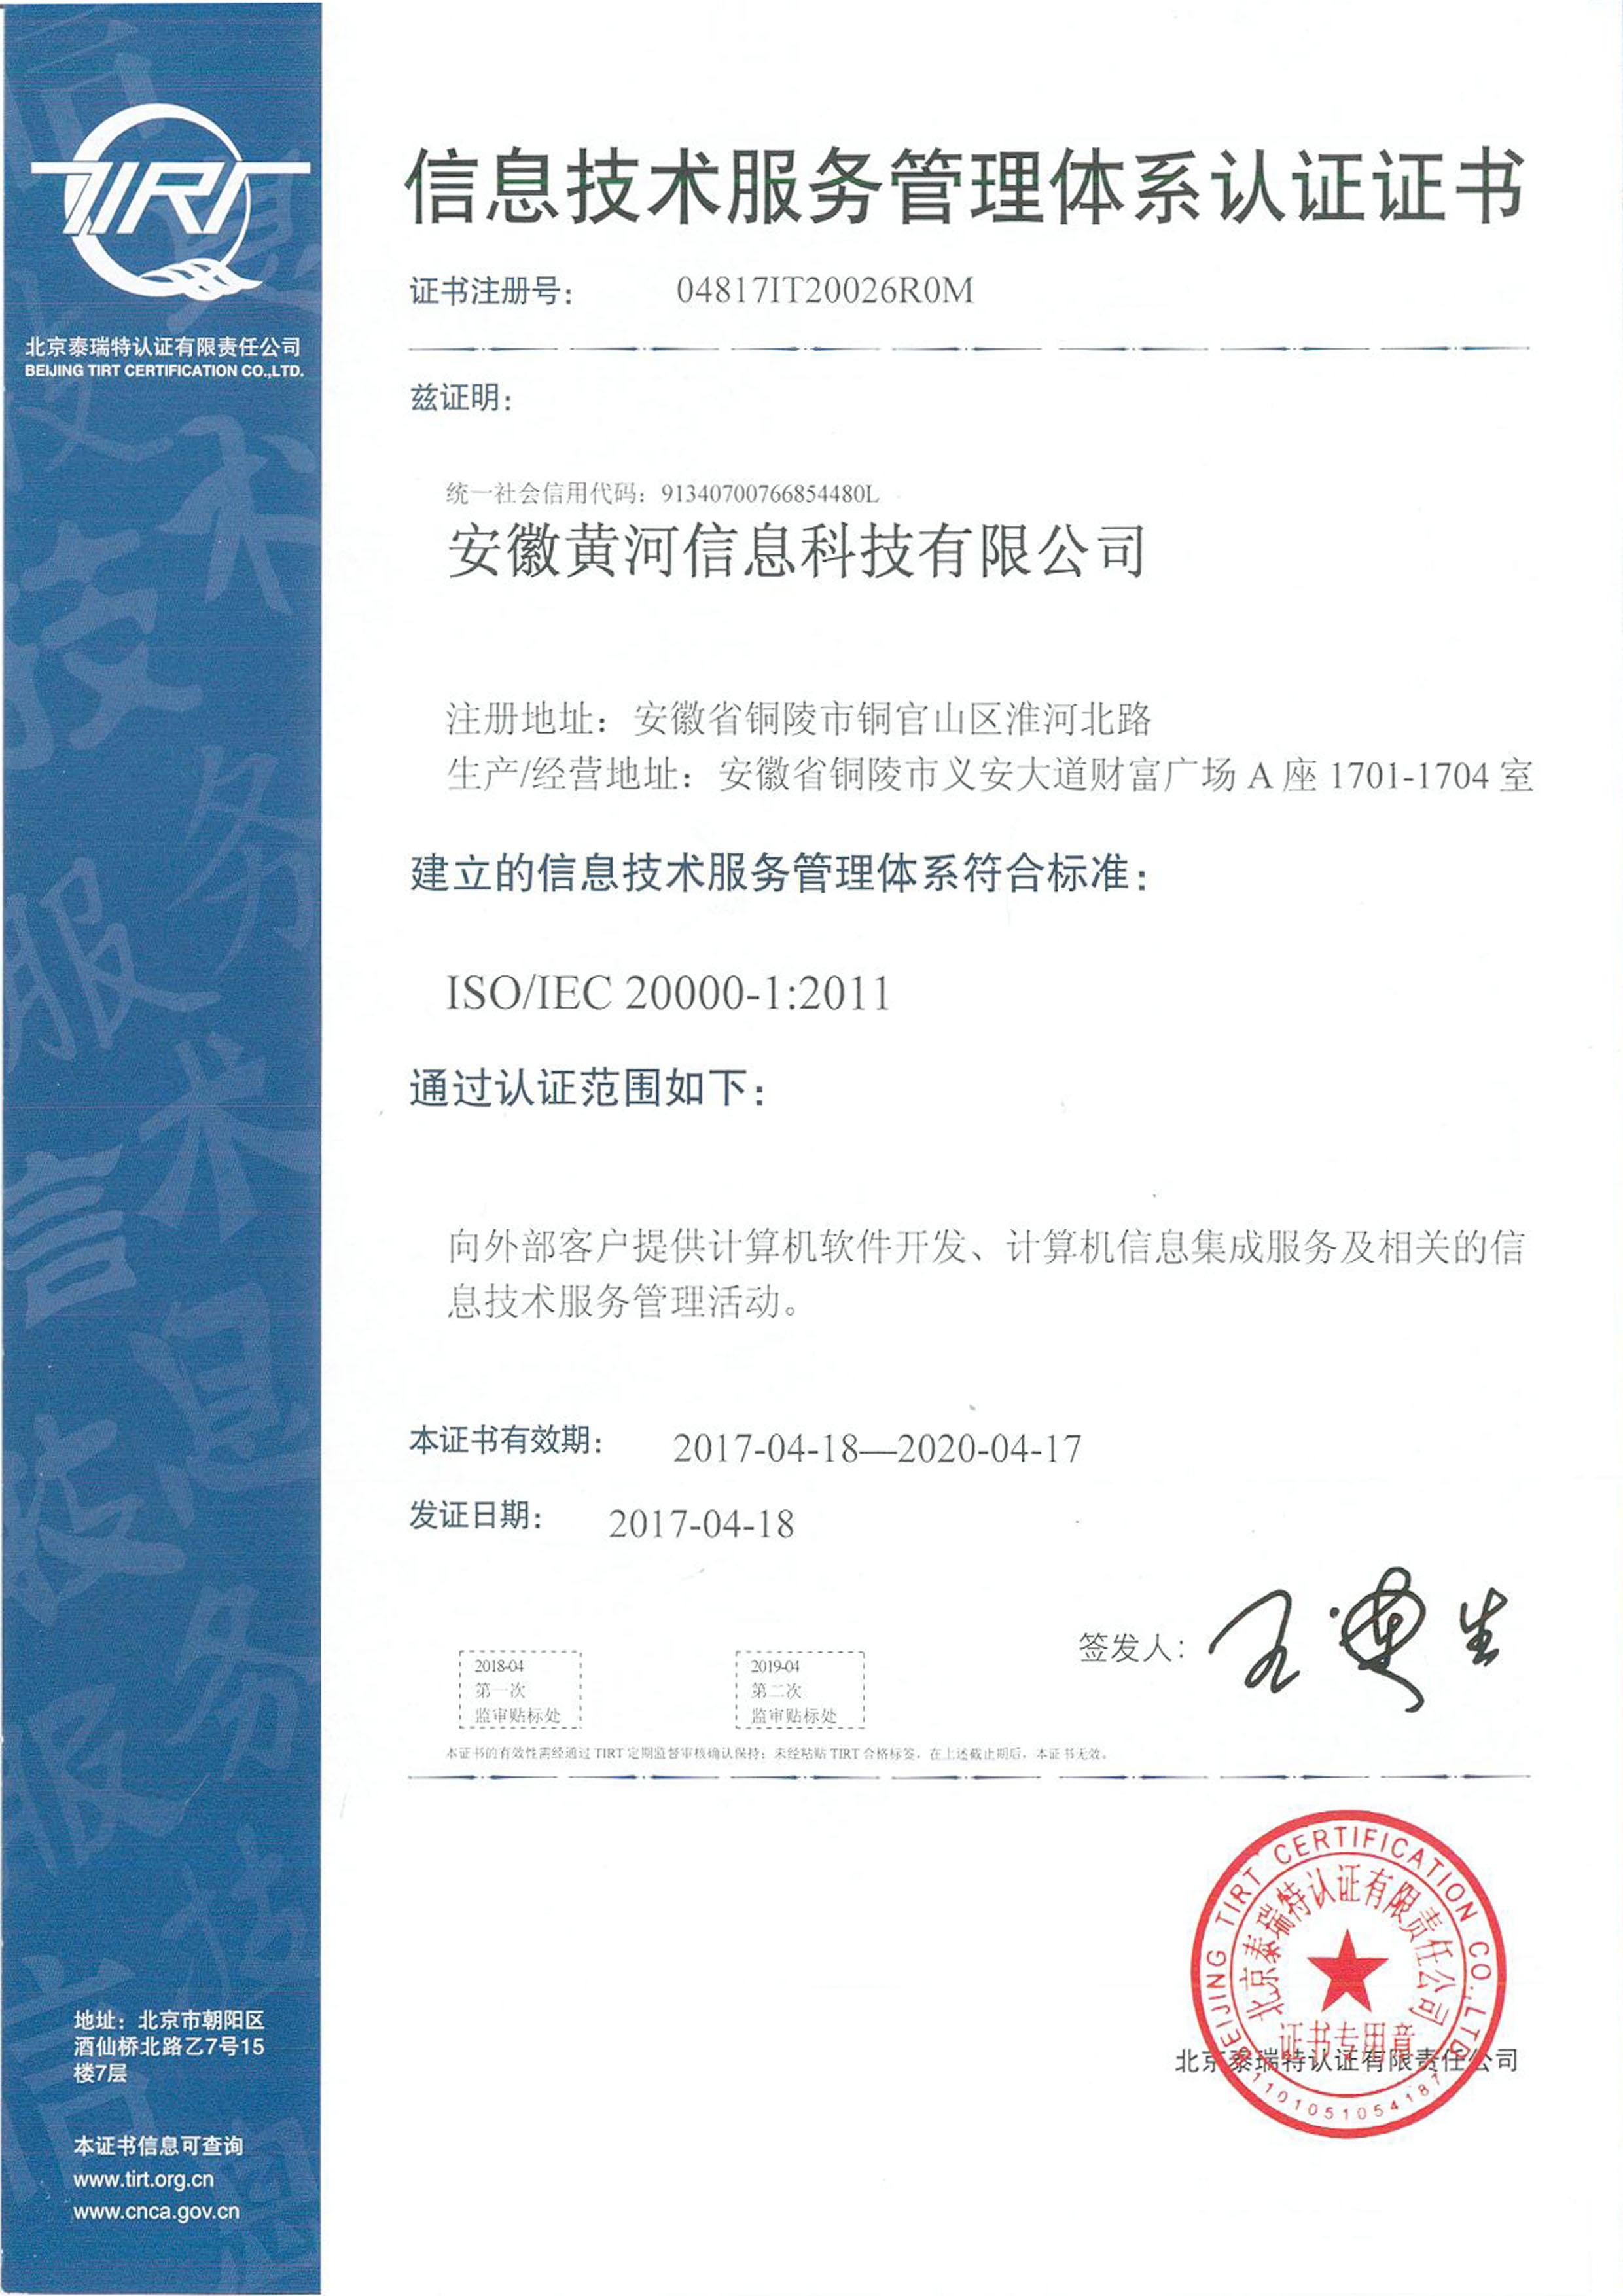 信息技术服务管理体系认证证书中文版